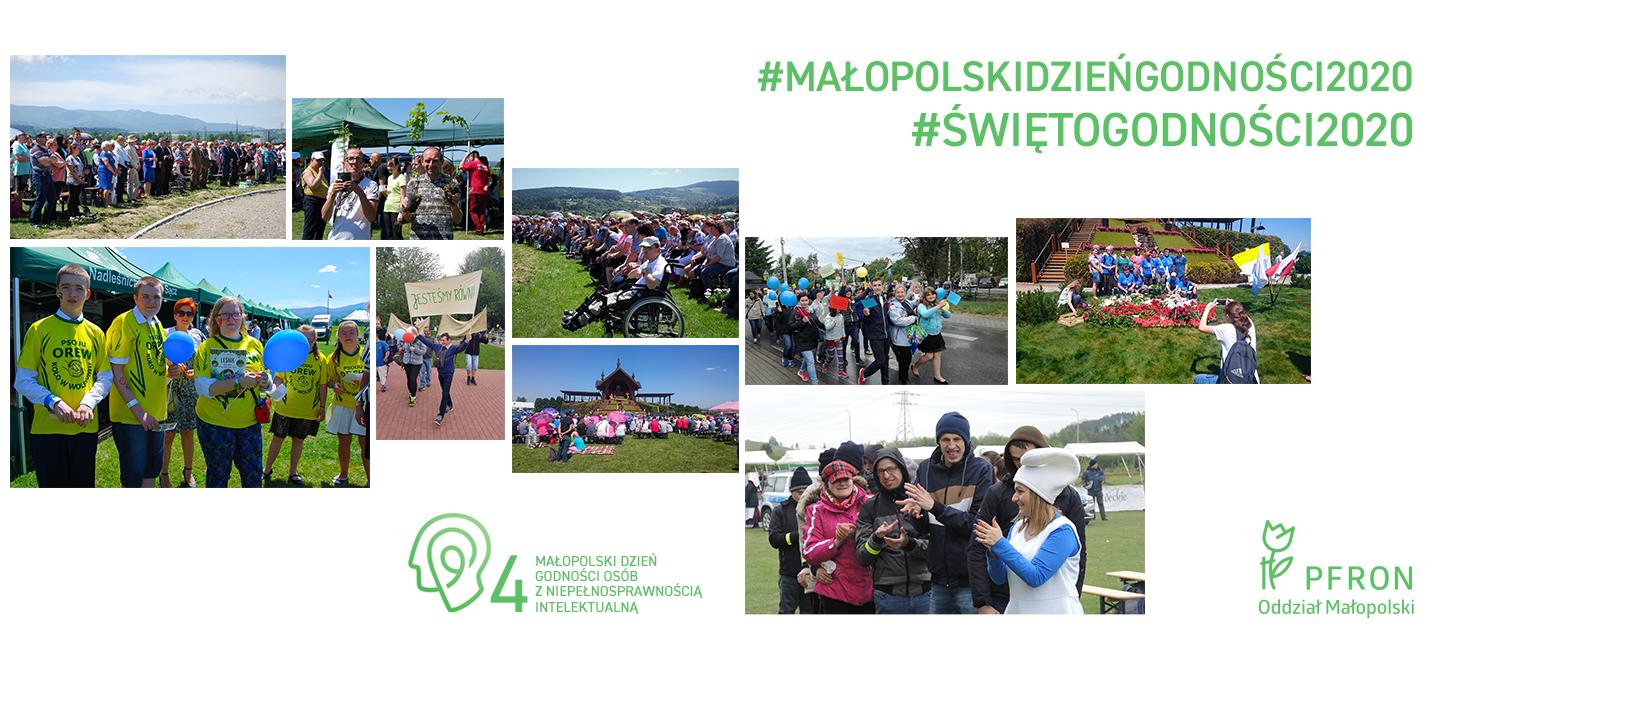 Plakat przedstawiający obchody Małopolskiego Dnia Godności w poprzednich latach